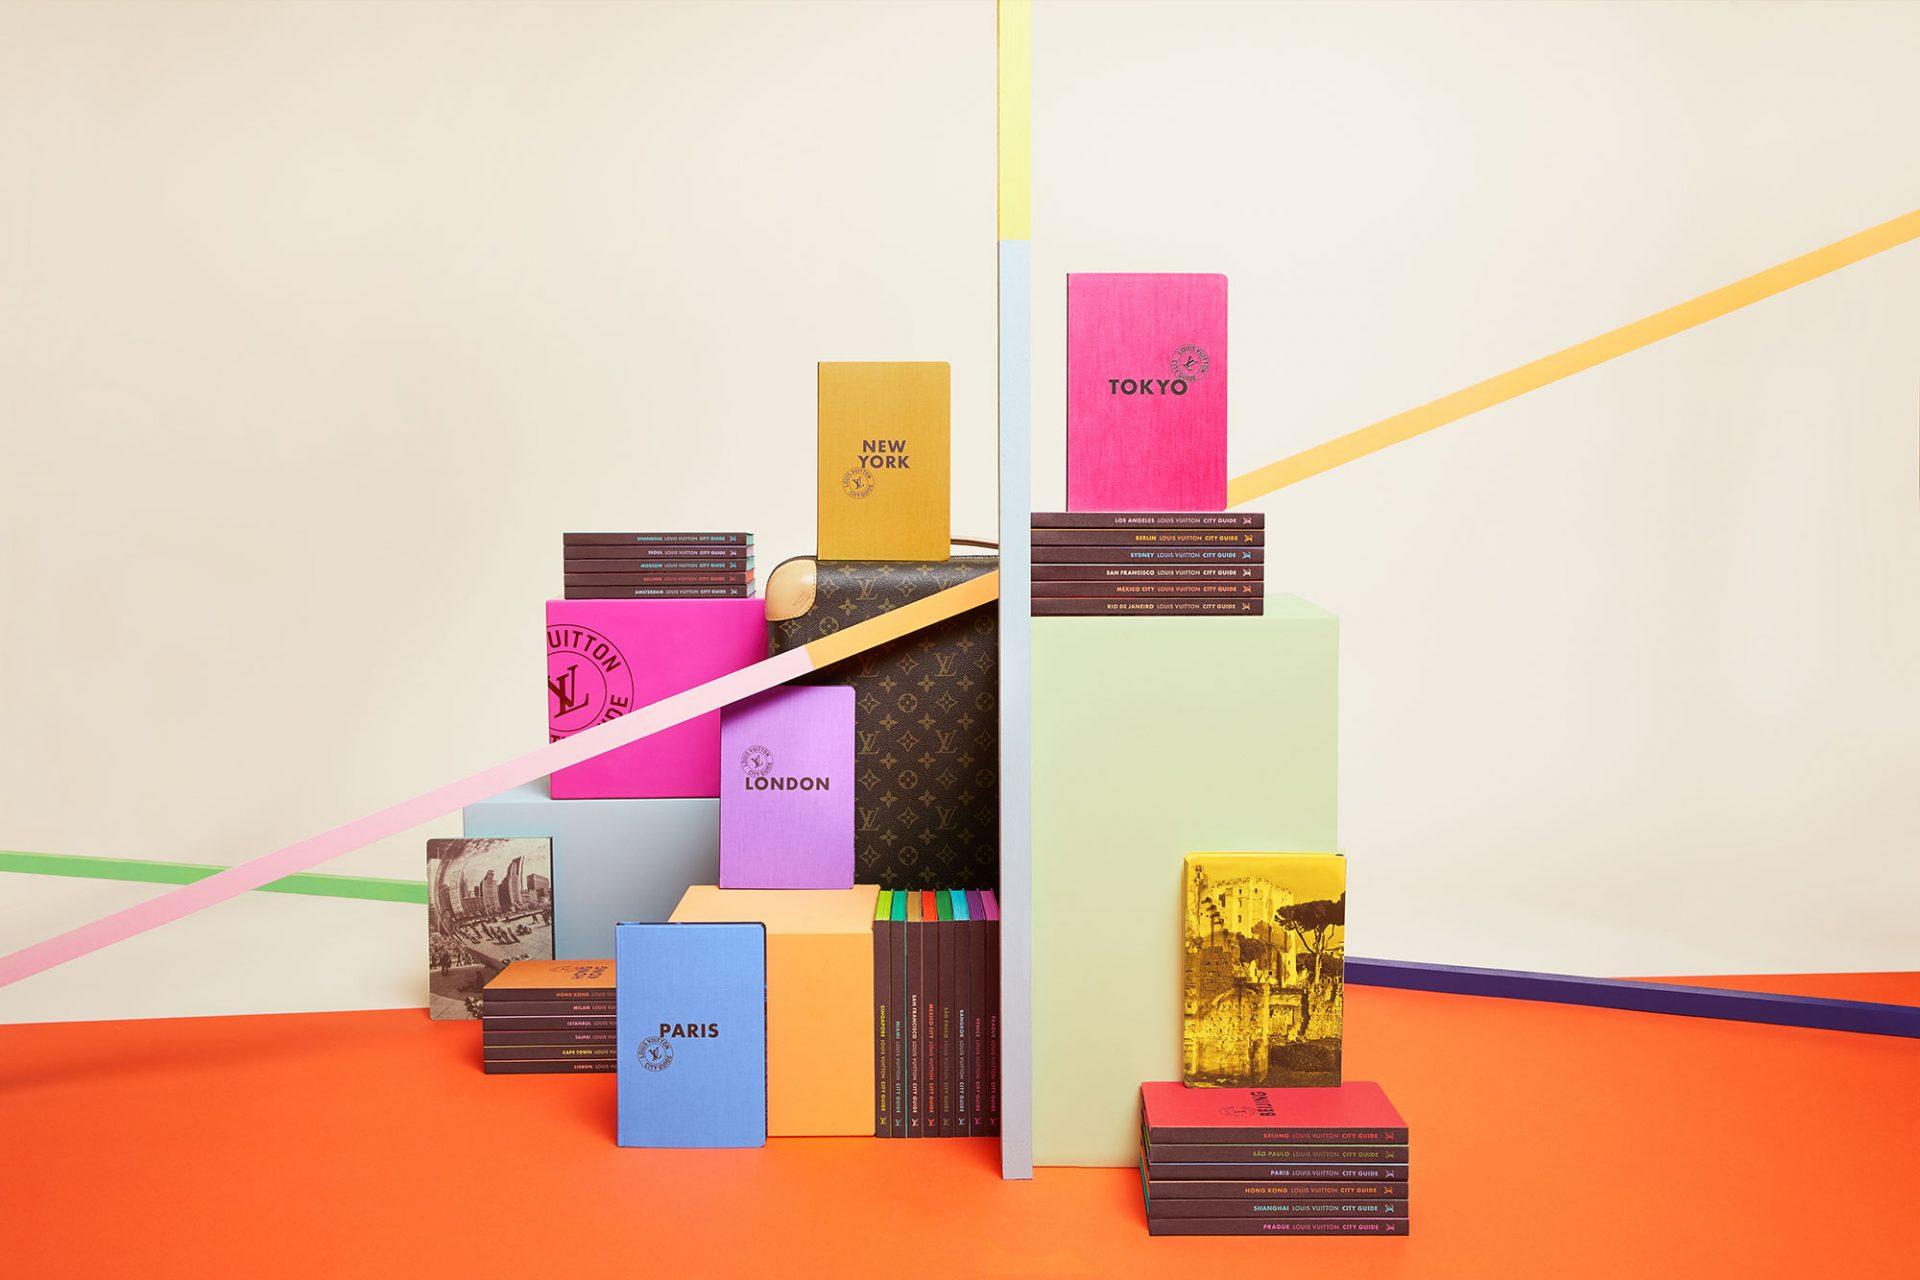 『シティ・ガイド』 | ©︎ Louis Vuitton